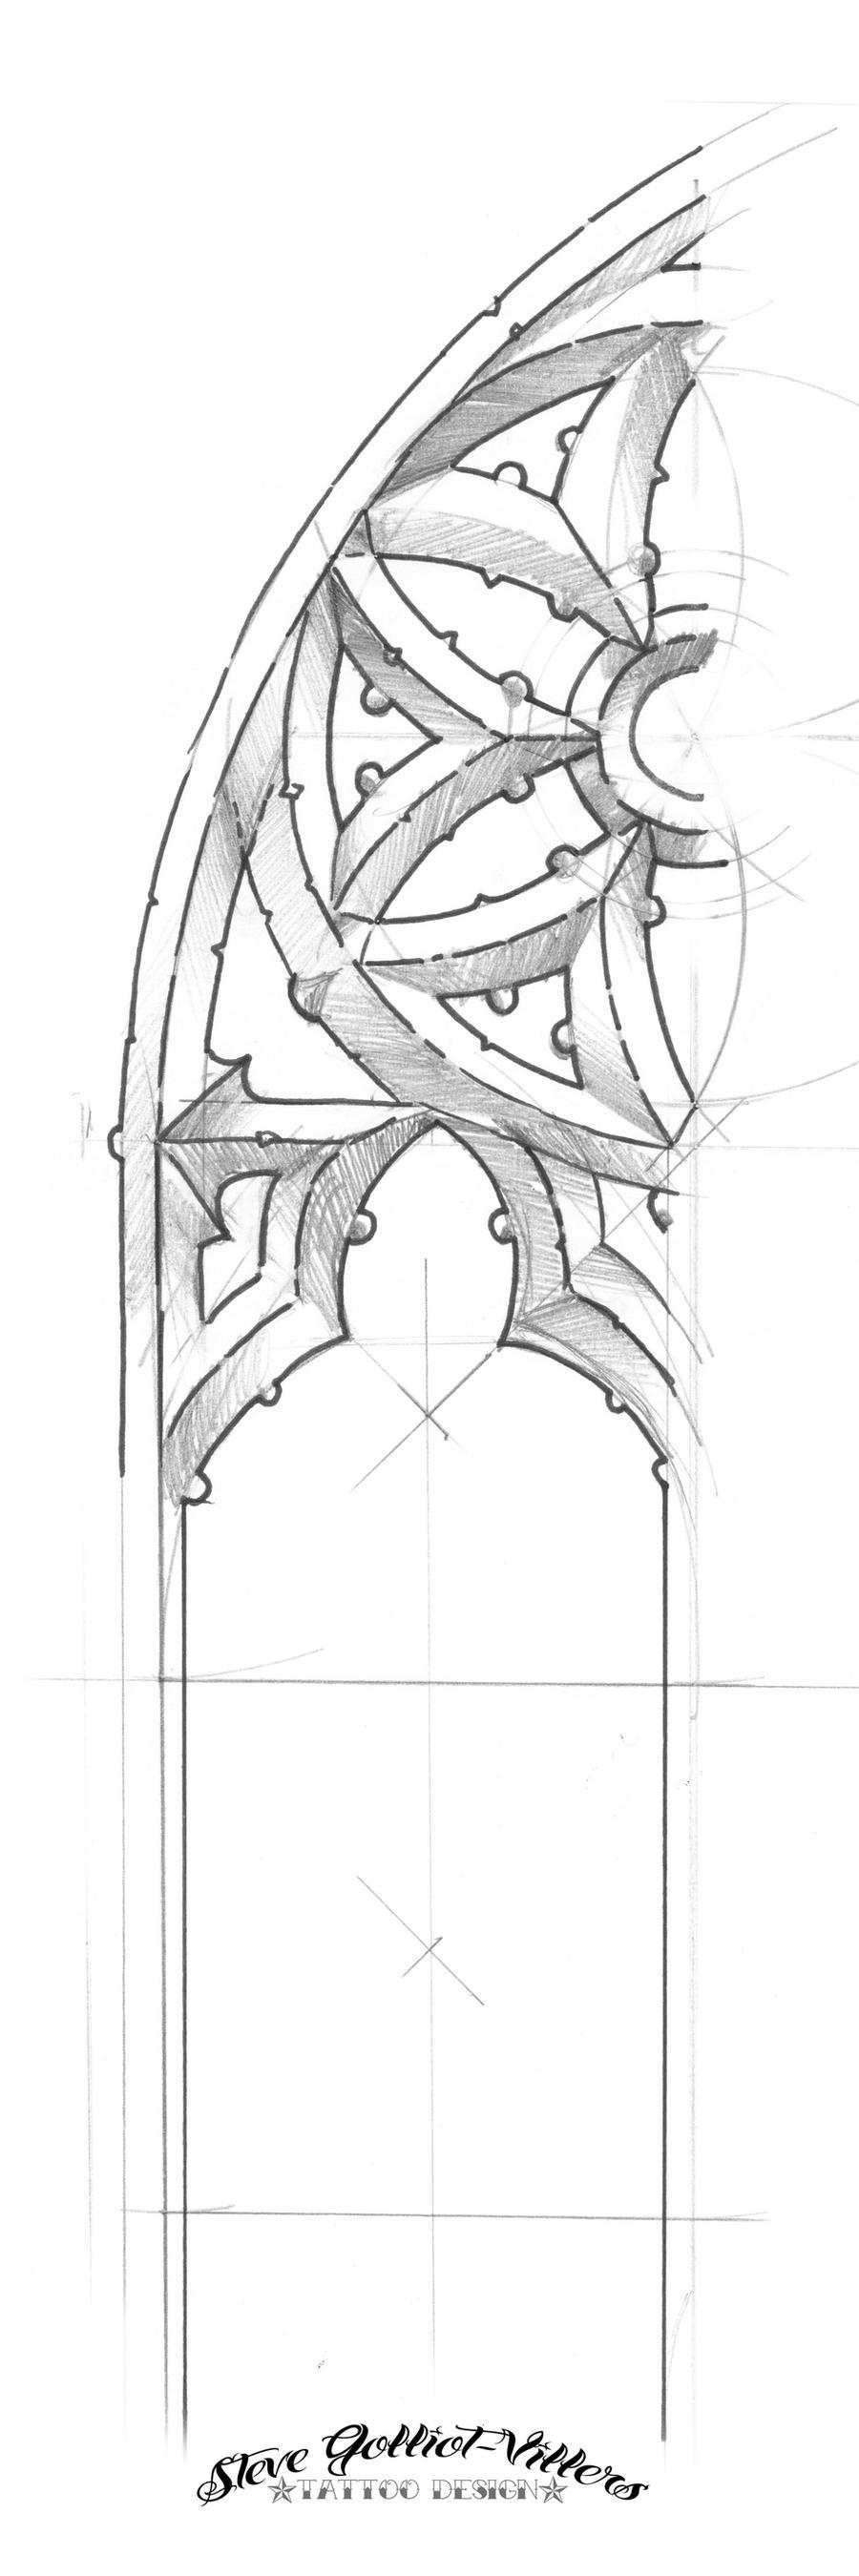 Gothic Arch Sketch By SteveGolliotVillers